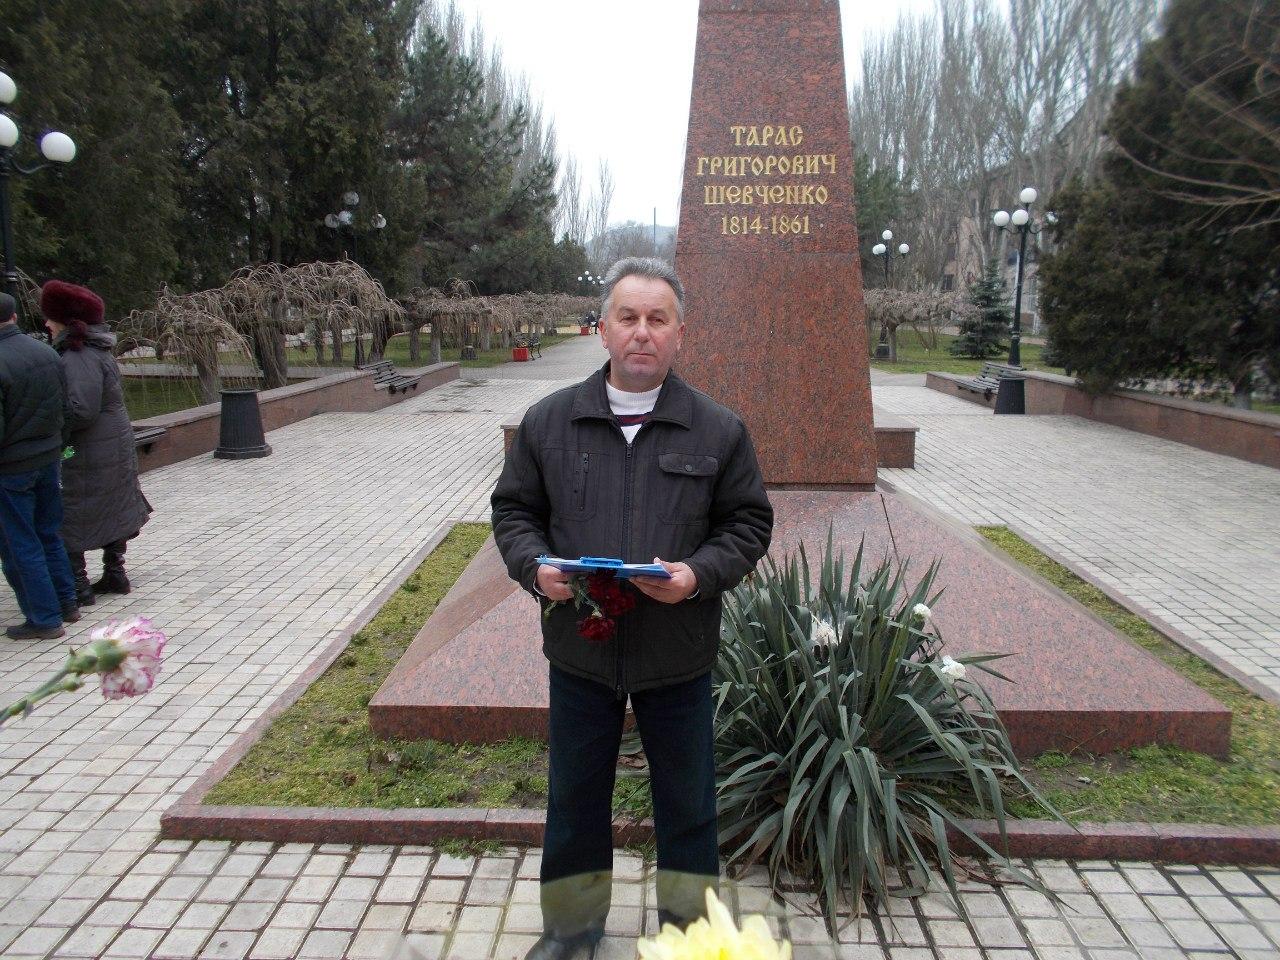 КПУ Керчь Крым Шевченко